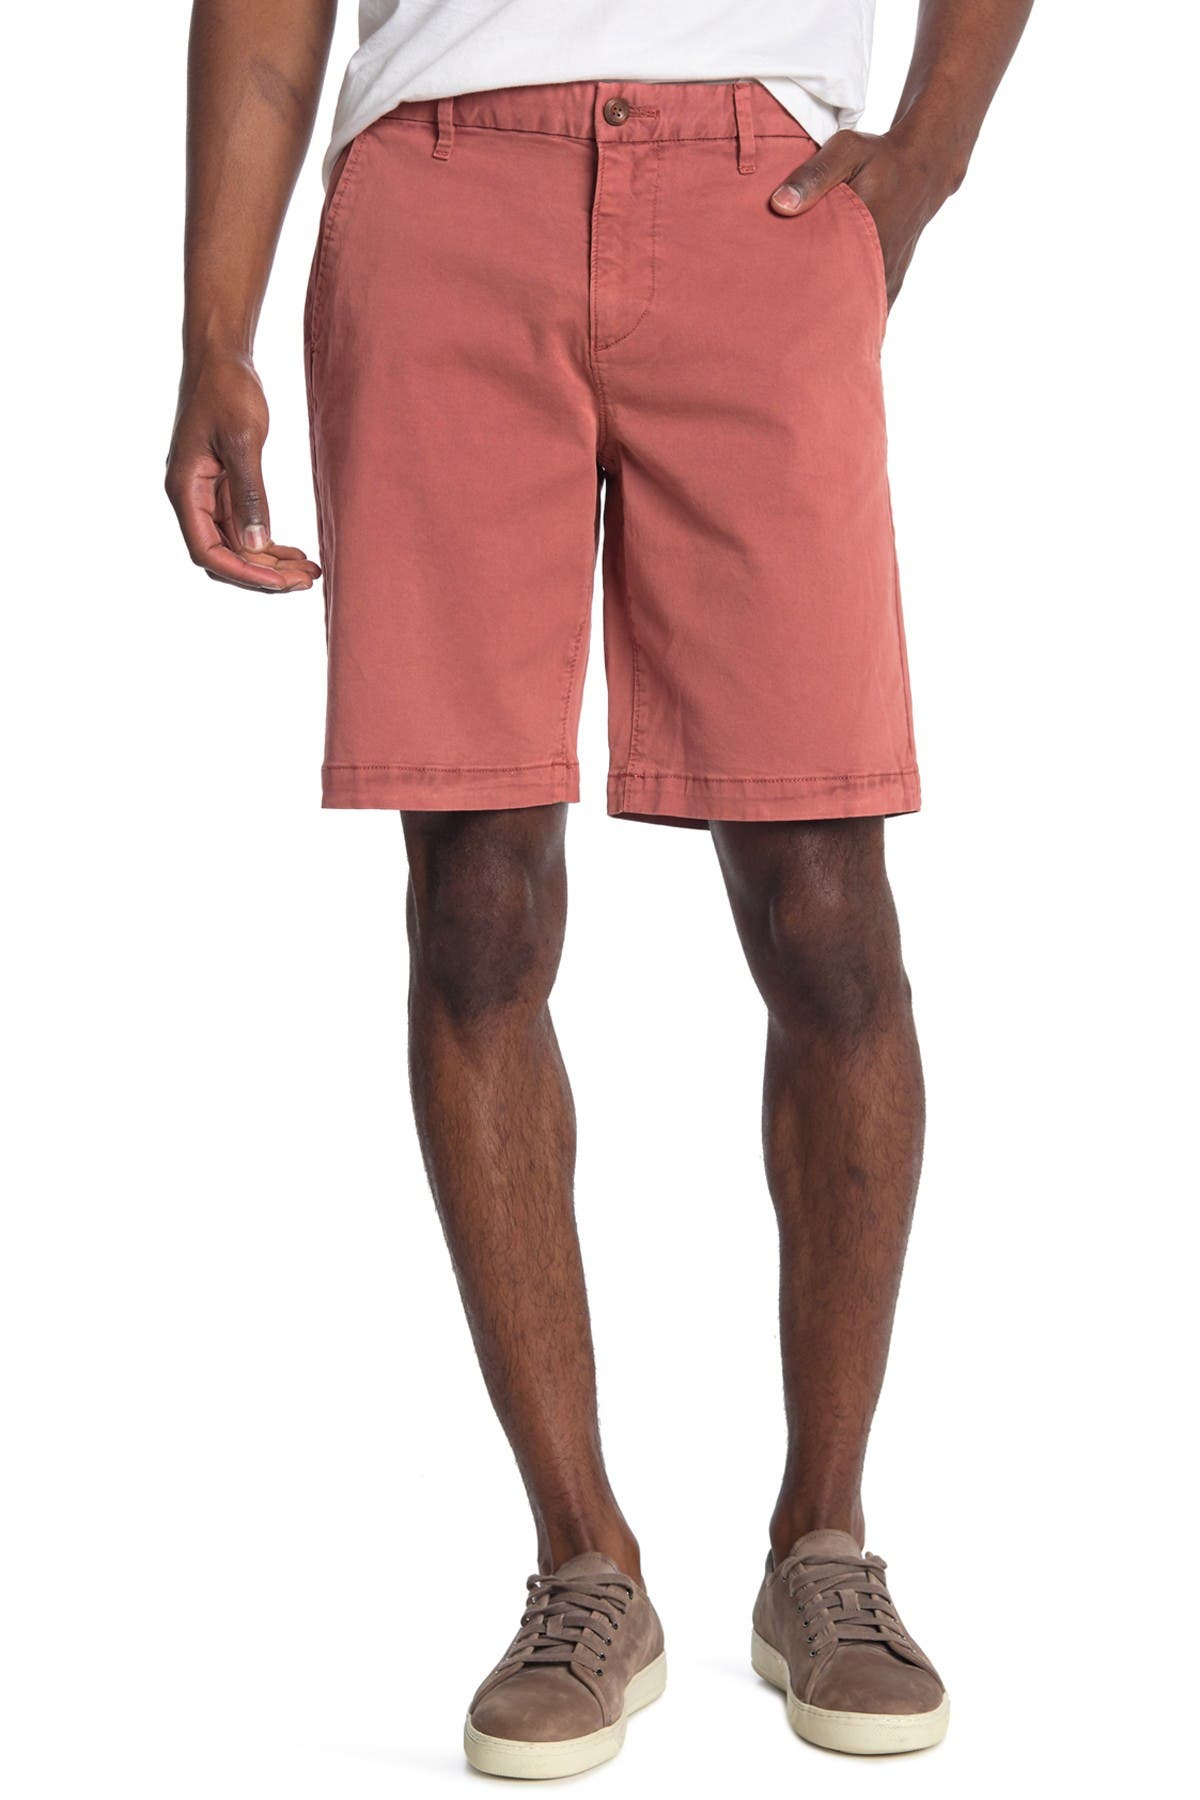 Image of PAIGE Thompson Shorts